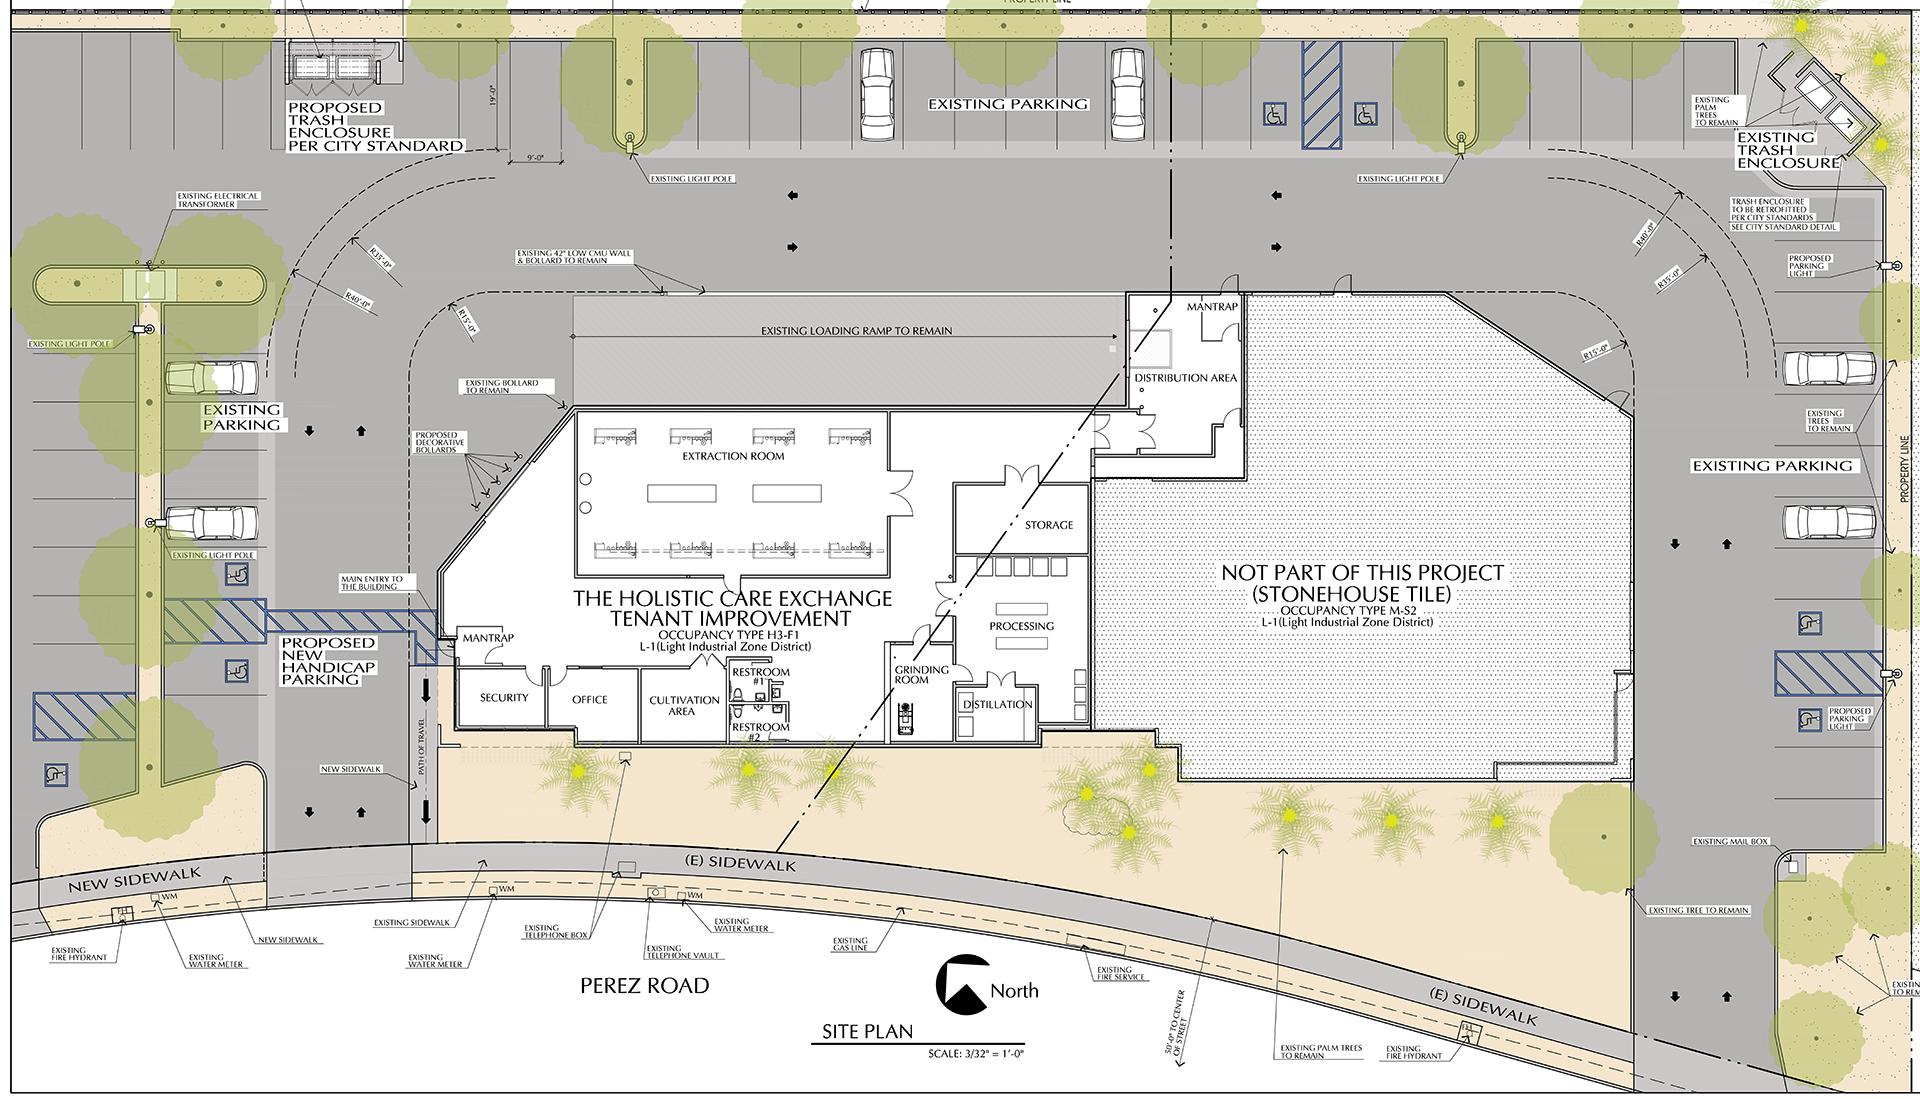 68900-Perez-Rd-Site-Plan-Web